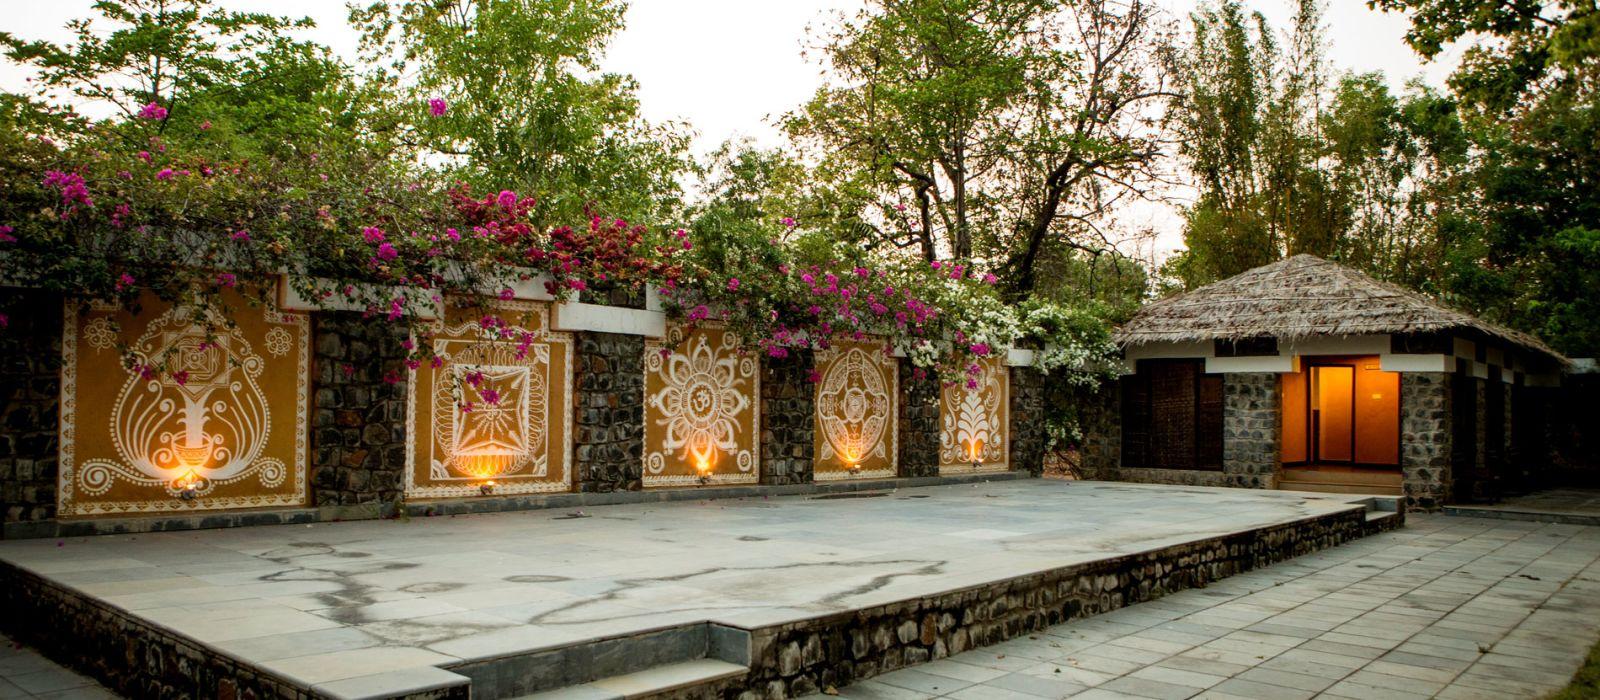 Hotel Bandhav Vilas North India